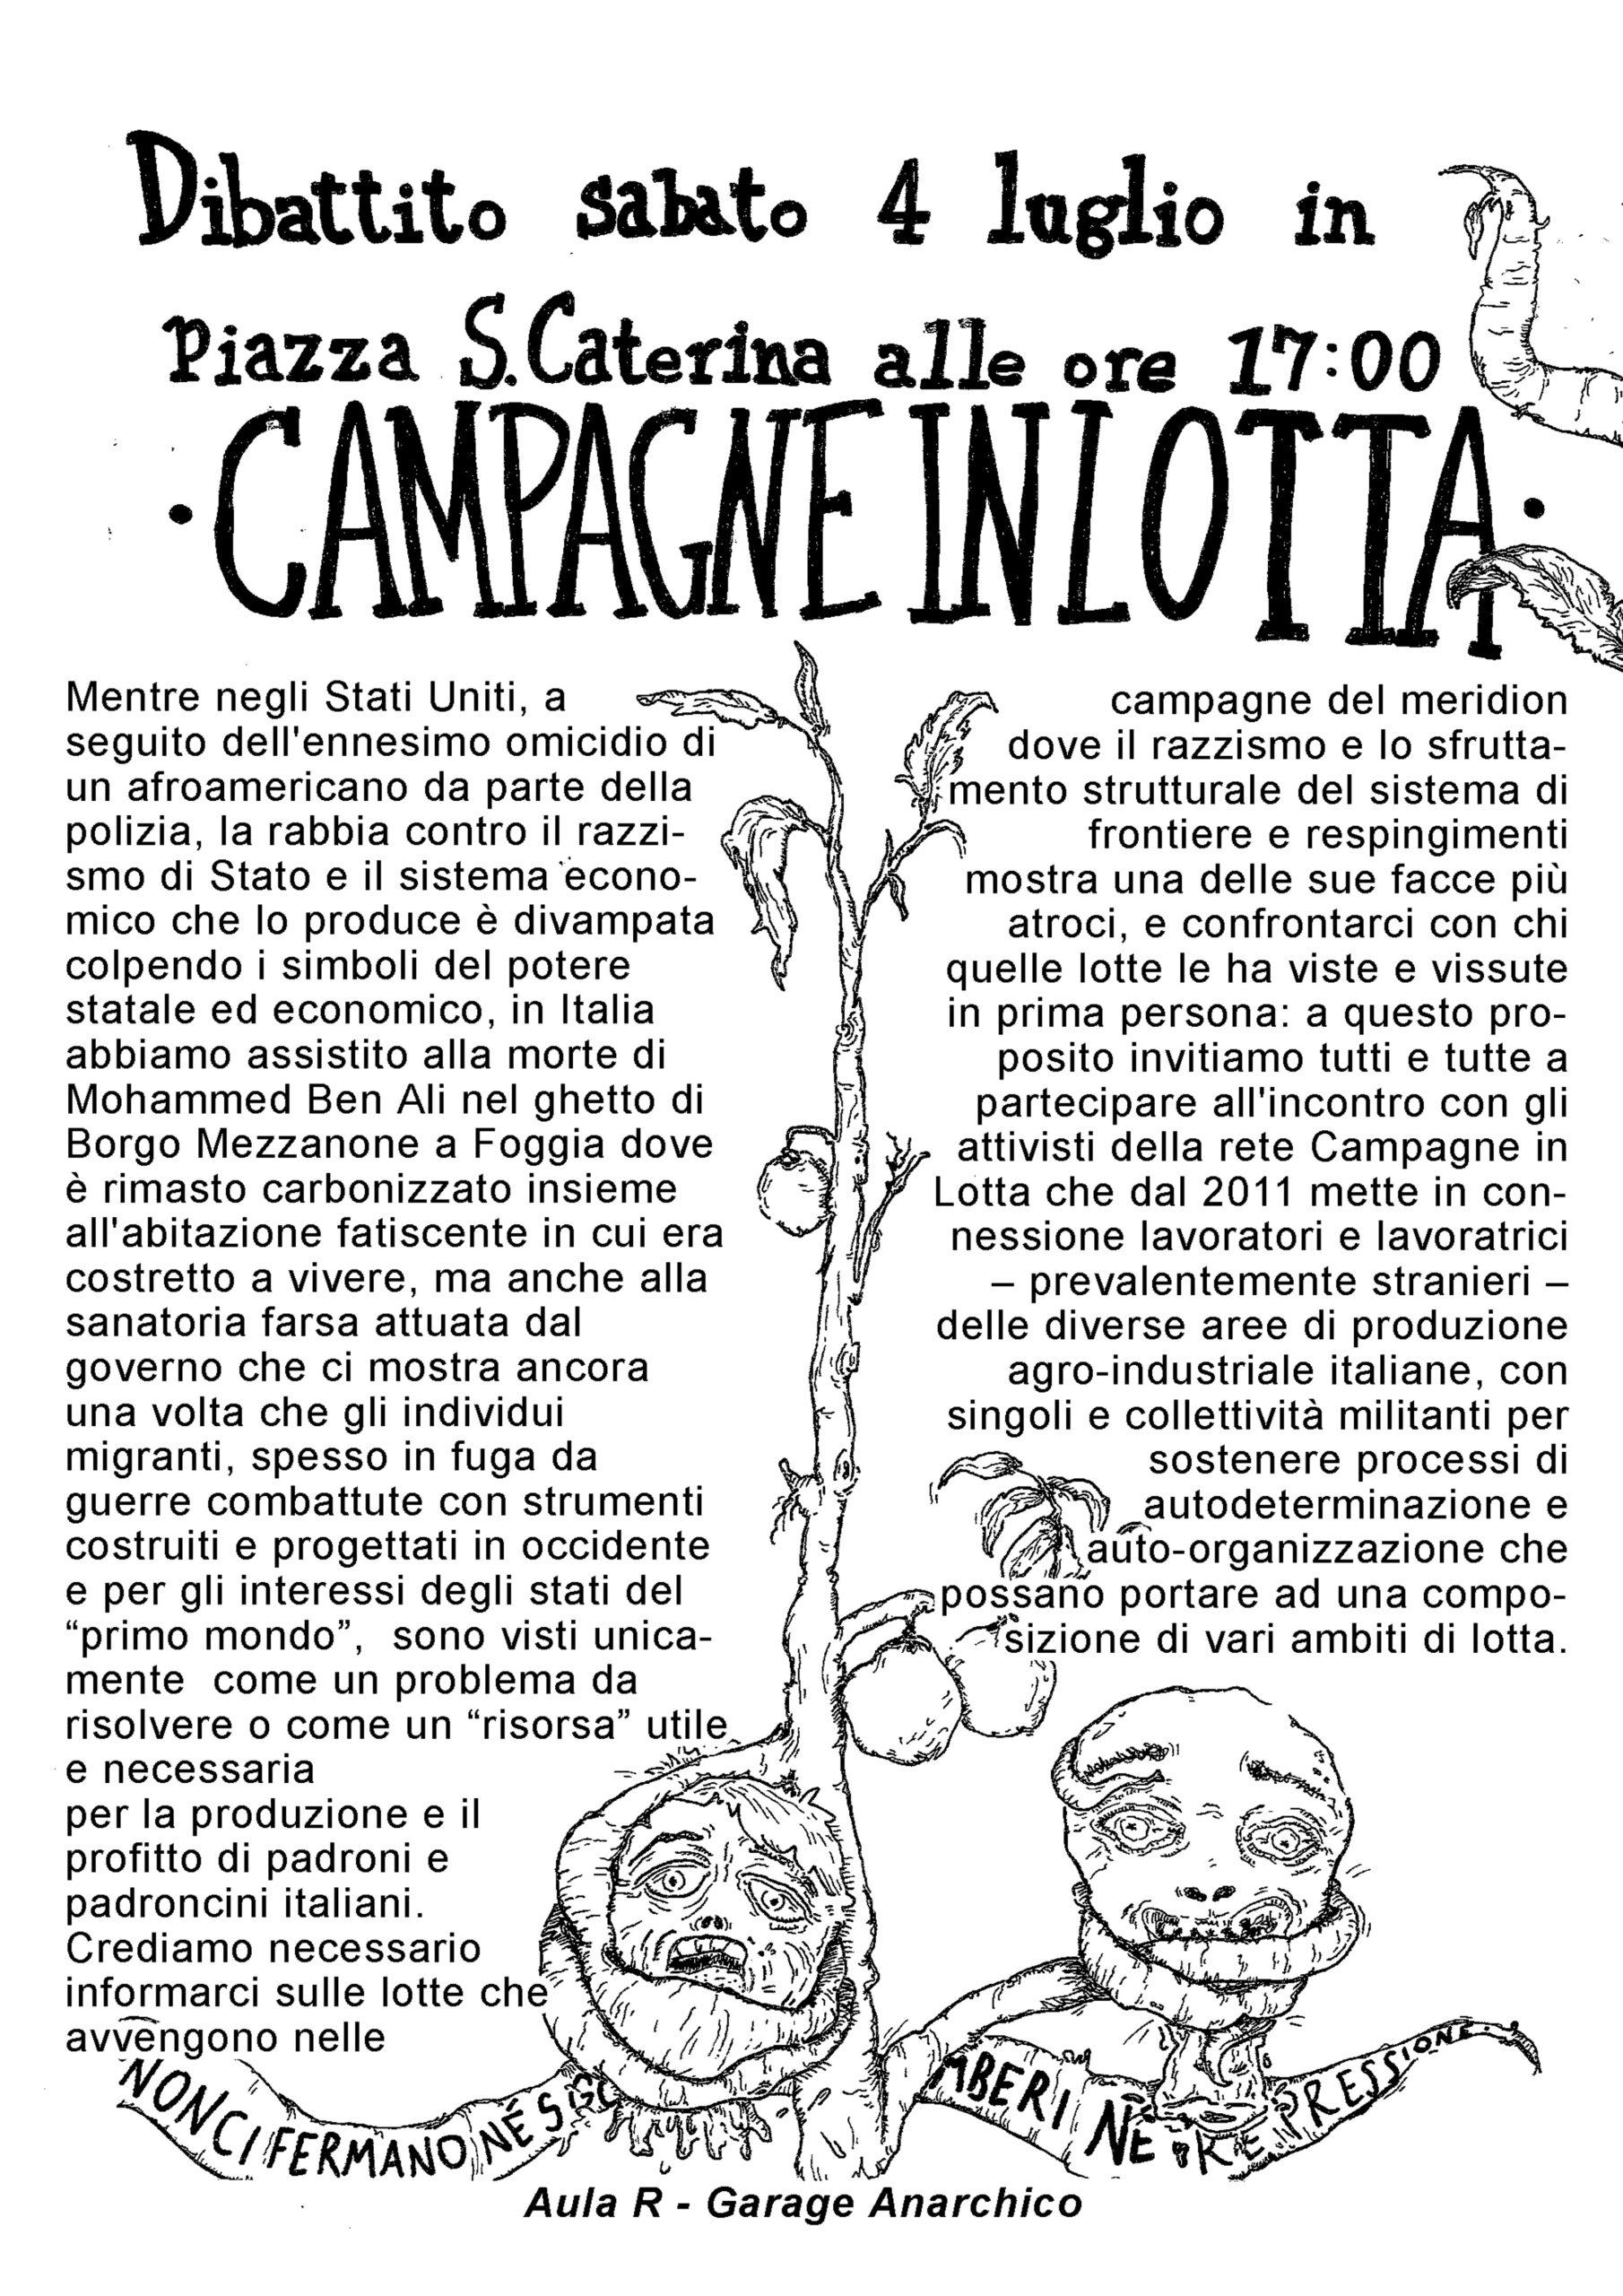 """Pisa: """"Campagne in lotta"""" dibattito in piazza il 4 luglio"""